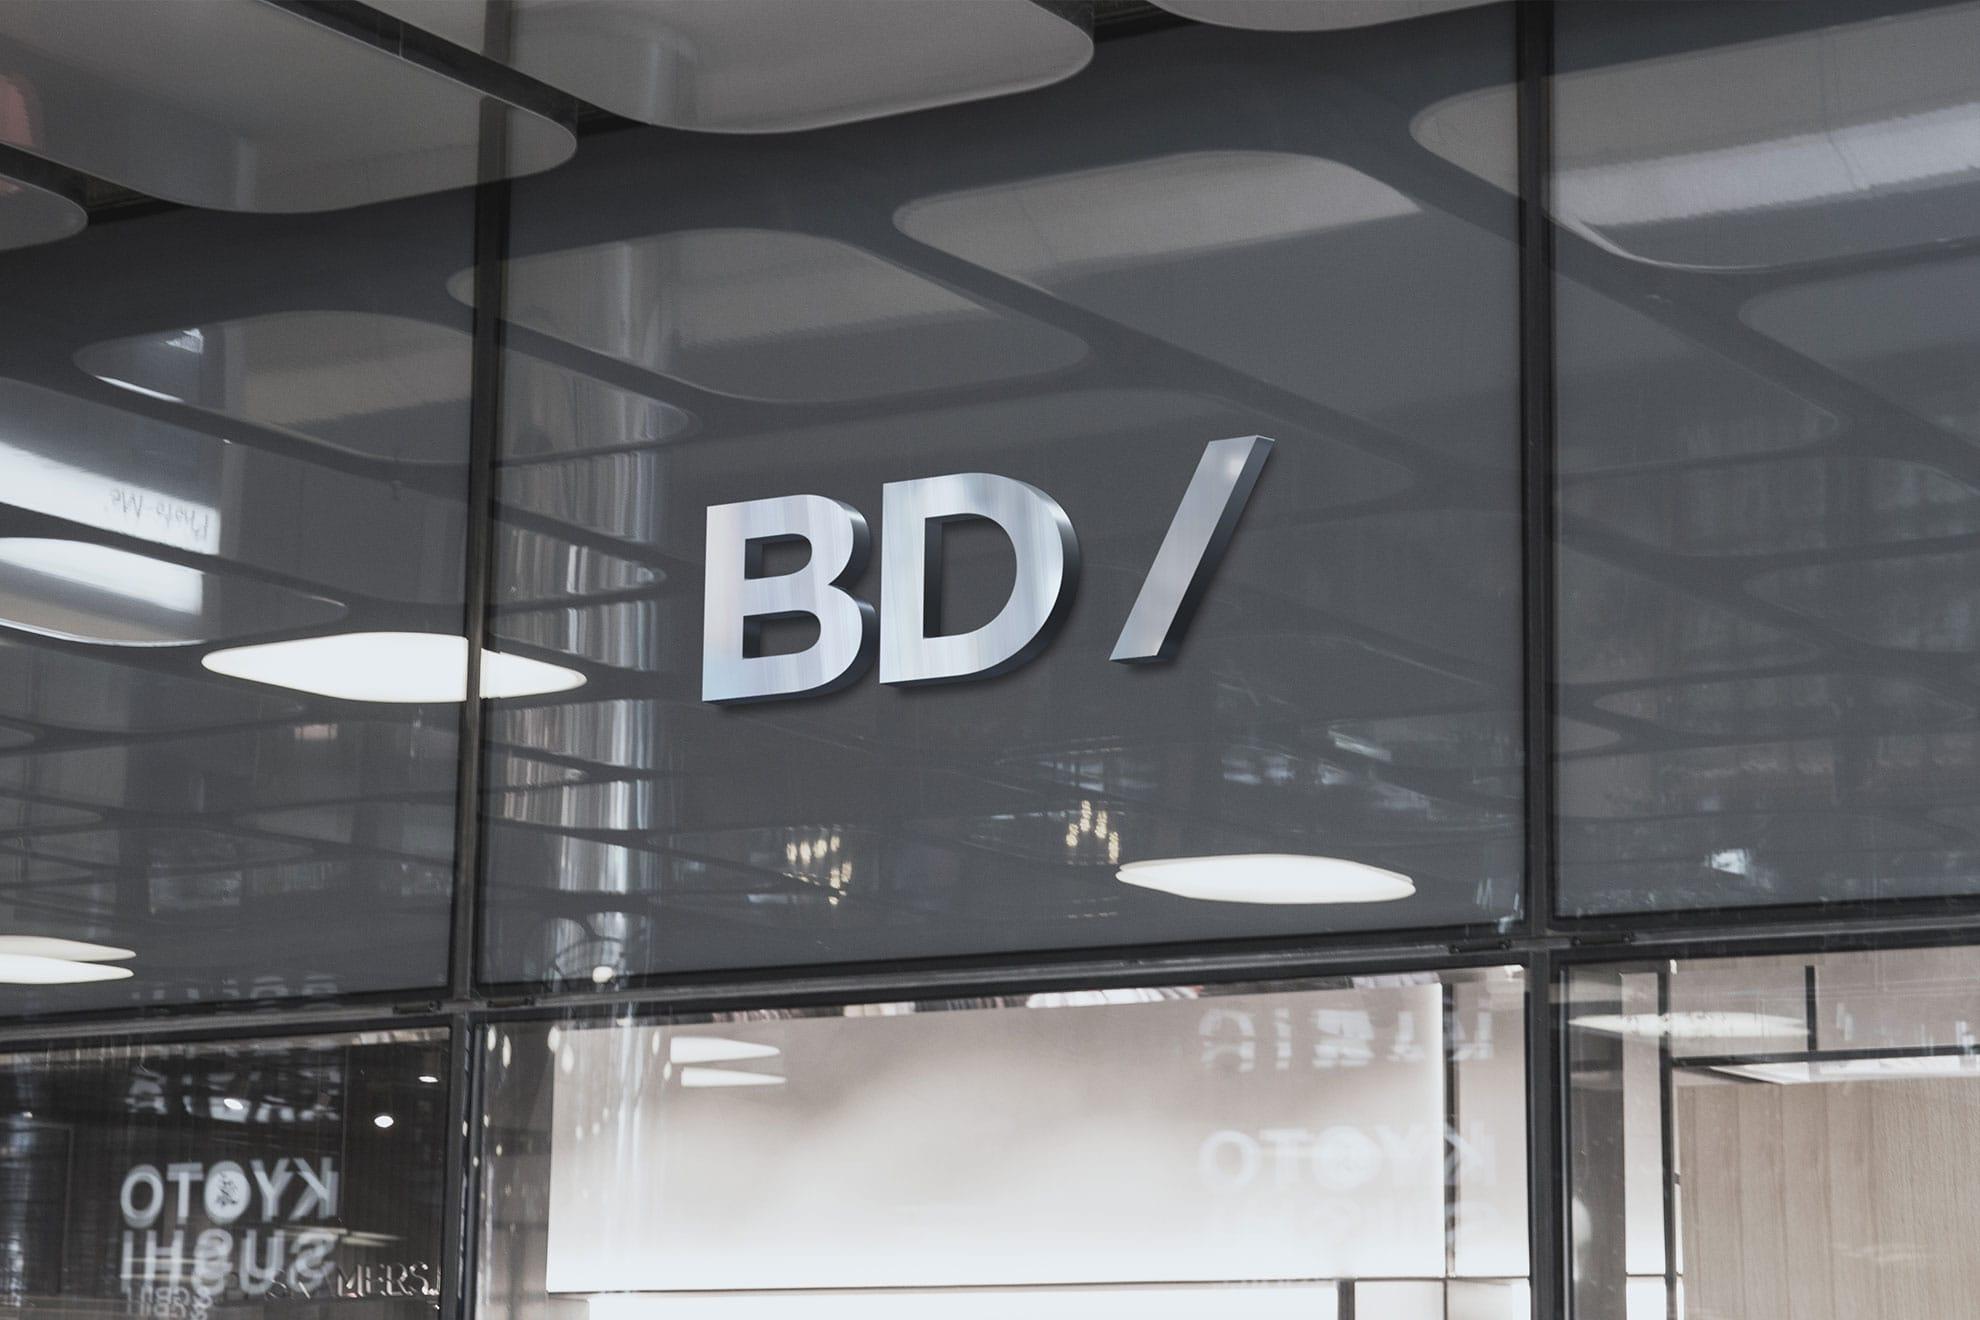 """Imagen decorativa: """"BD/"""" en la ventana de una oficina"""